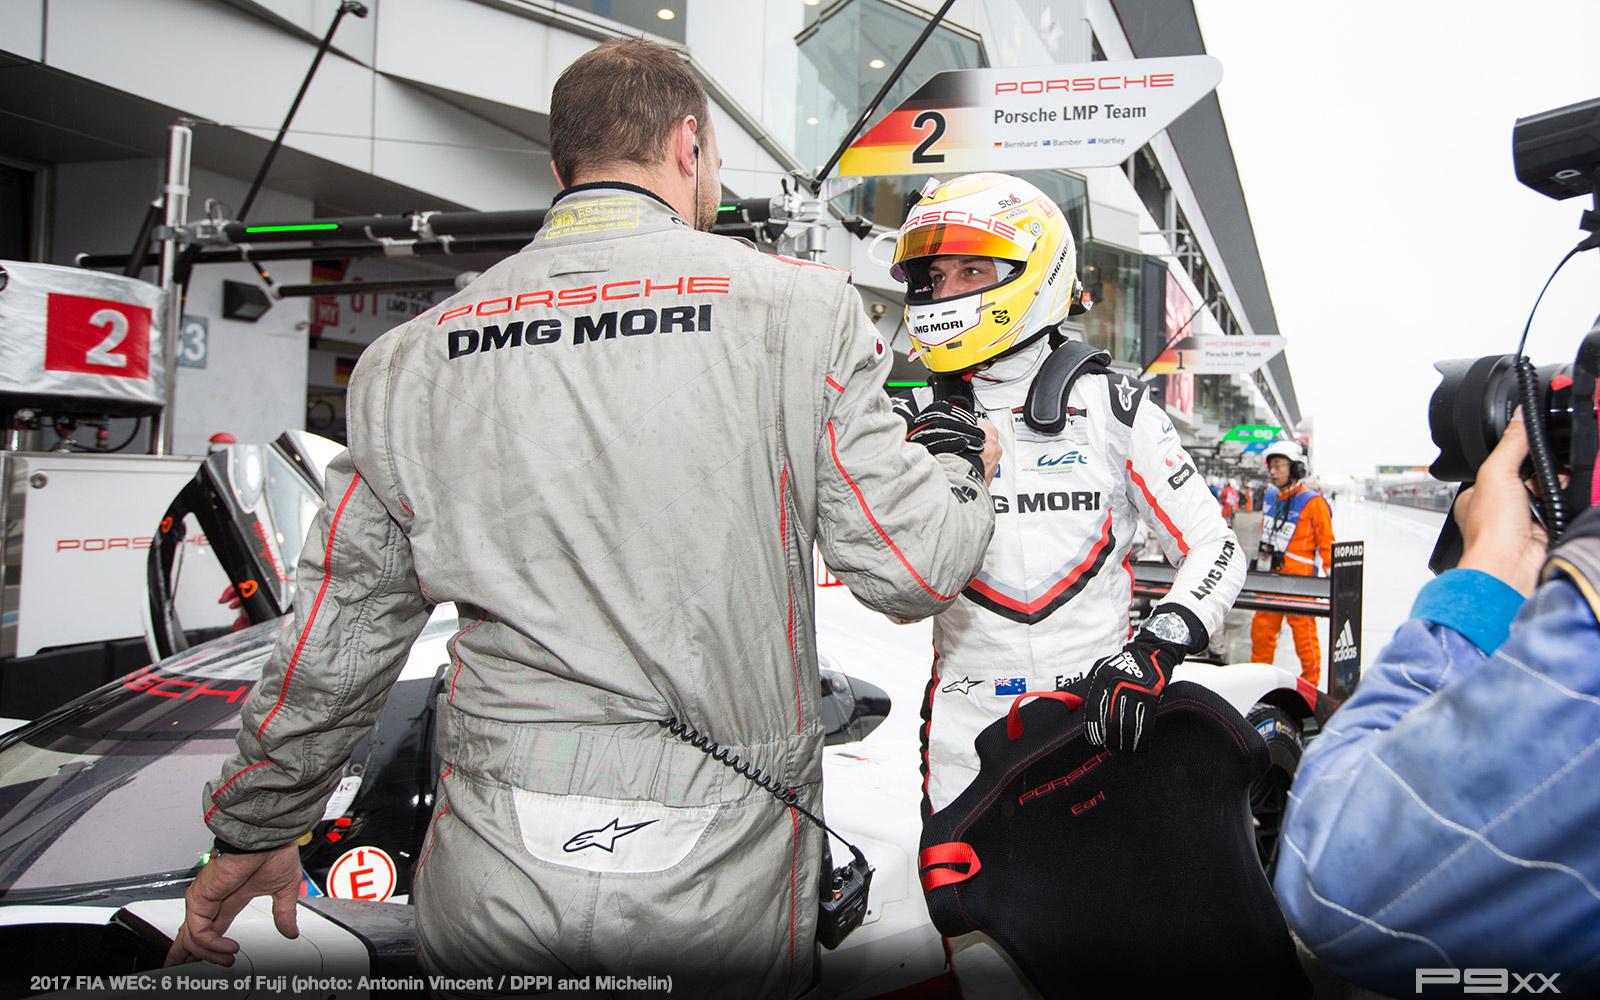 2017-FIA-WEC-6h-of-Fuji-Porsche-Fuji_02117011_1878308